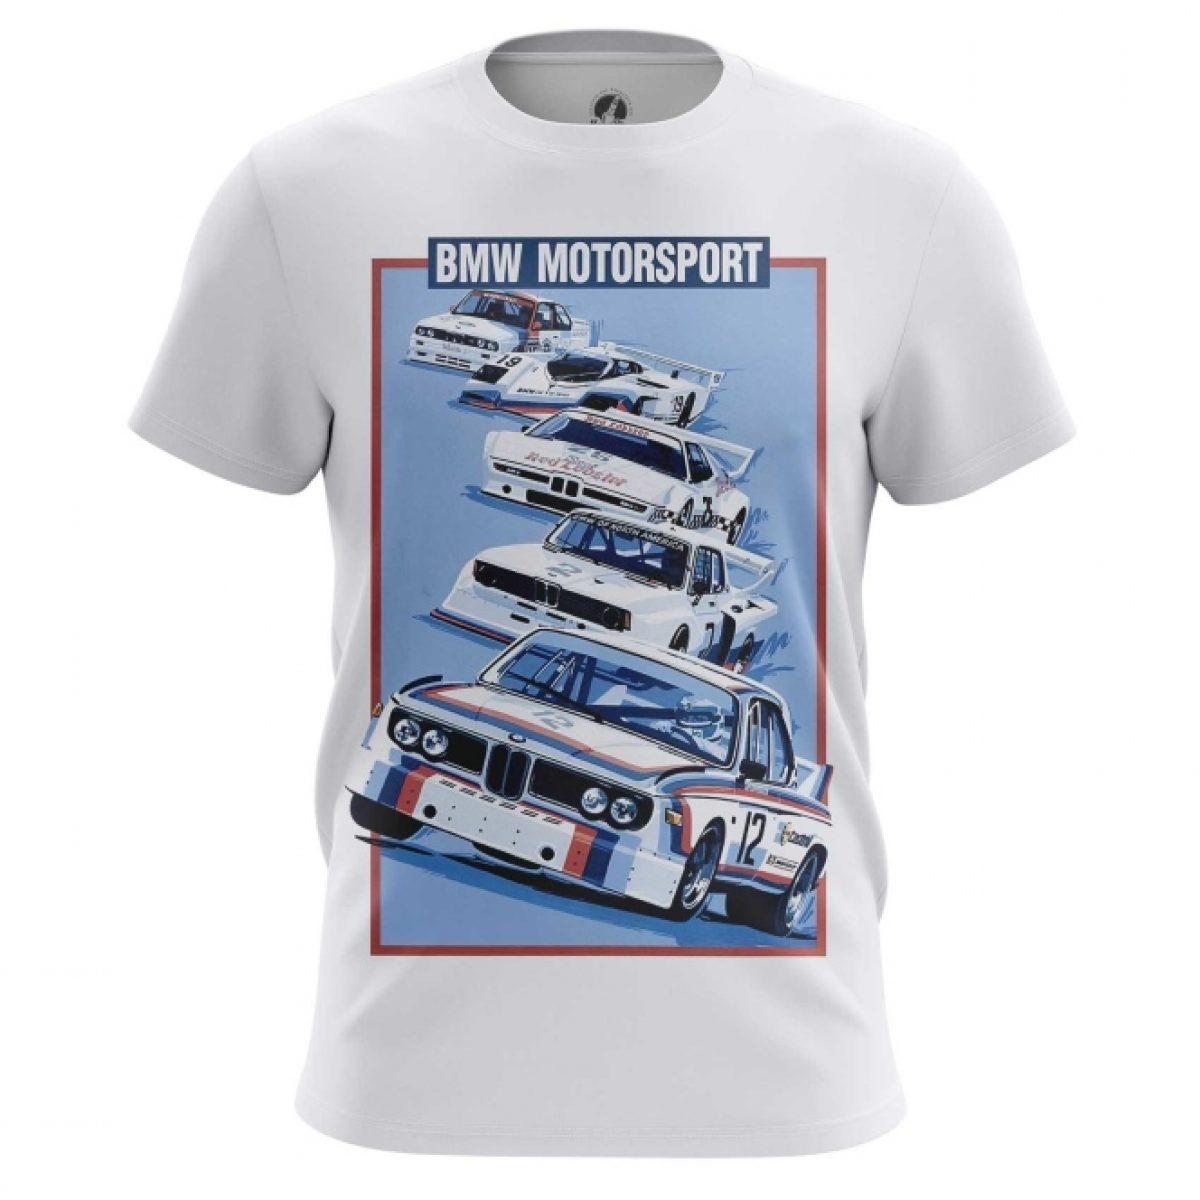 Herren T-shirt BMW //////M Motorsport Gr.S-3XL Mod.6441